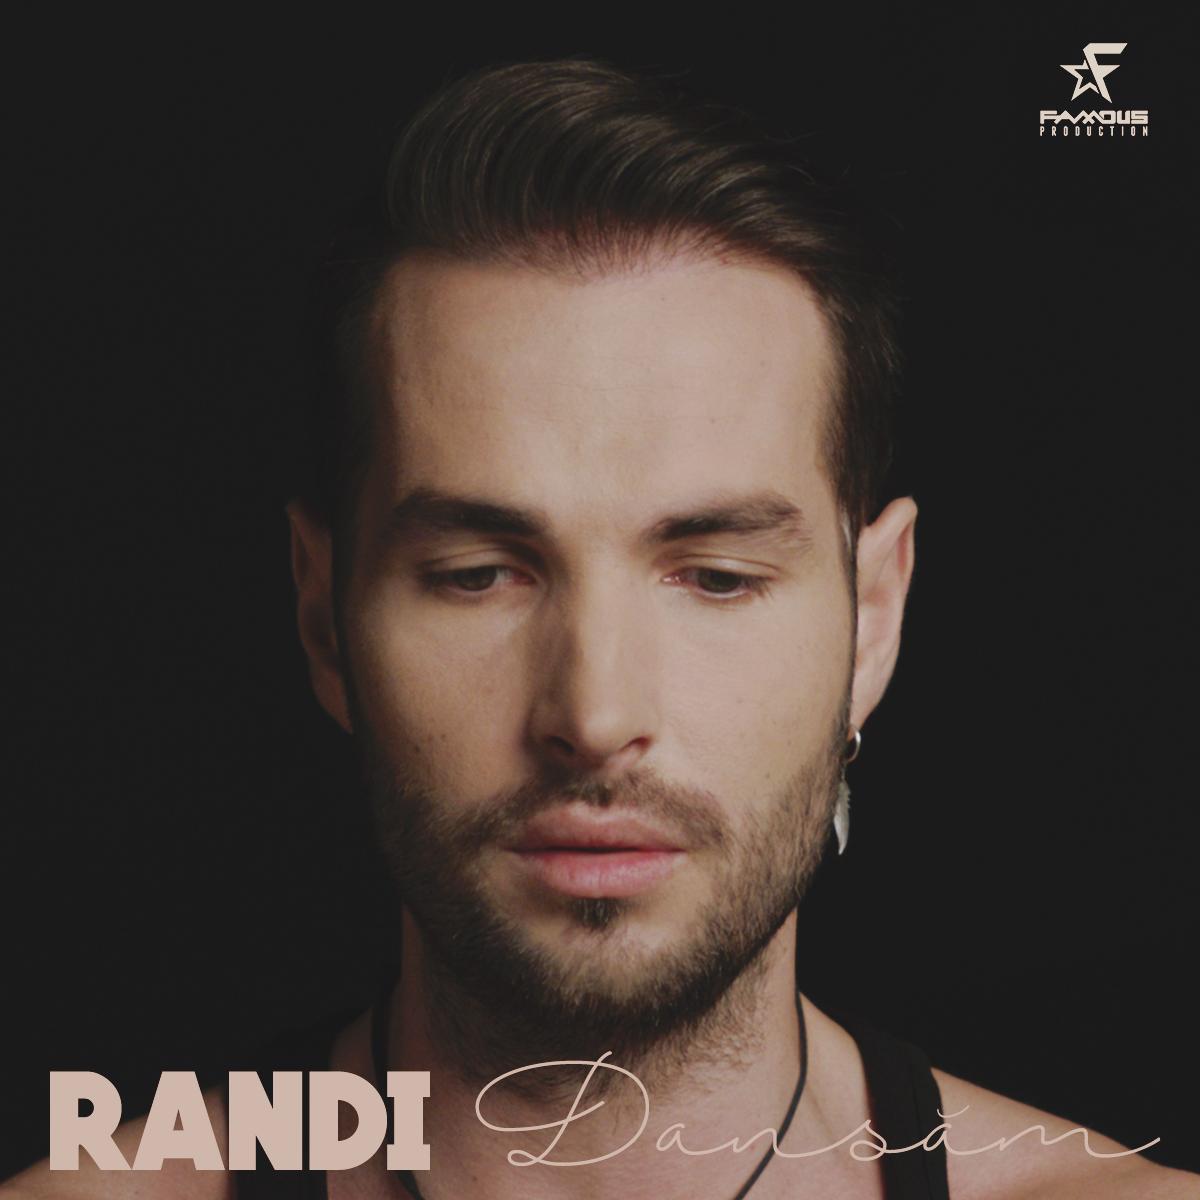 Randi lanseaza un nou single – Dansam